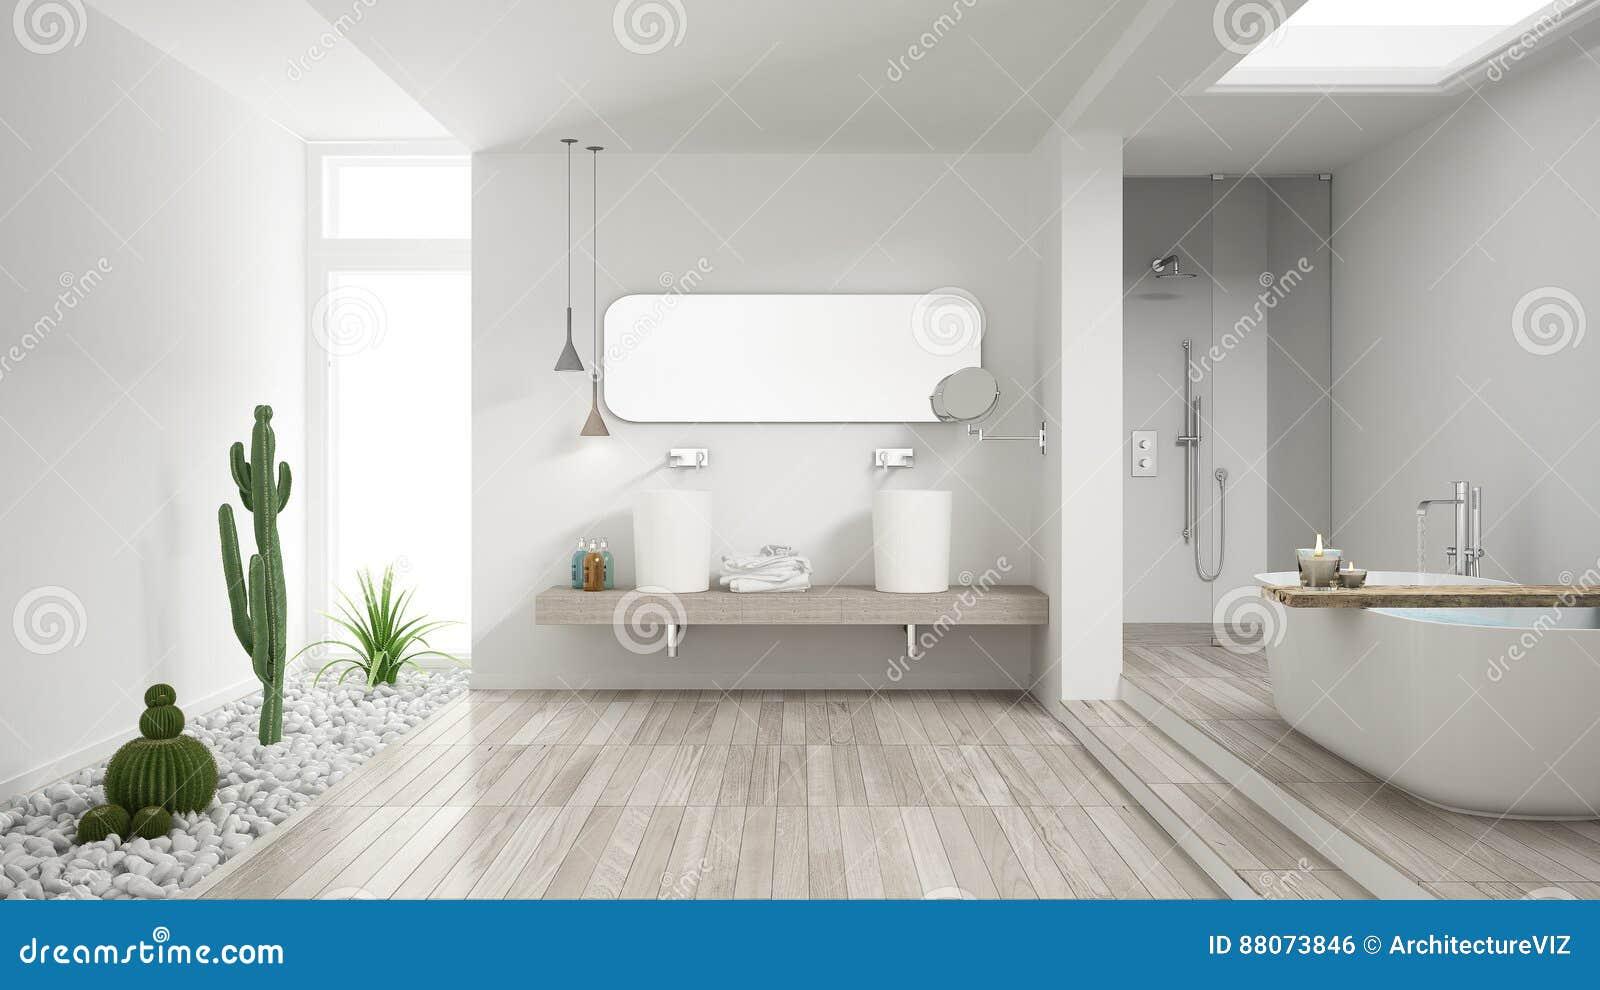 Bagno Legno Bianco : Bagno bianco minimalista con il giardino succulente pavimento di